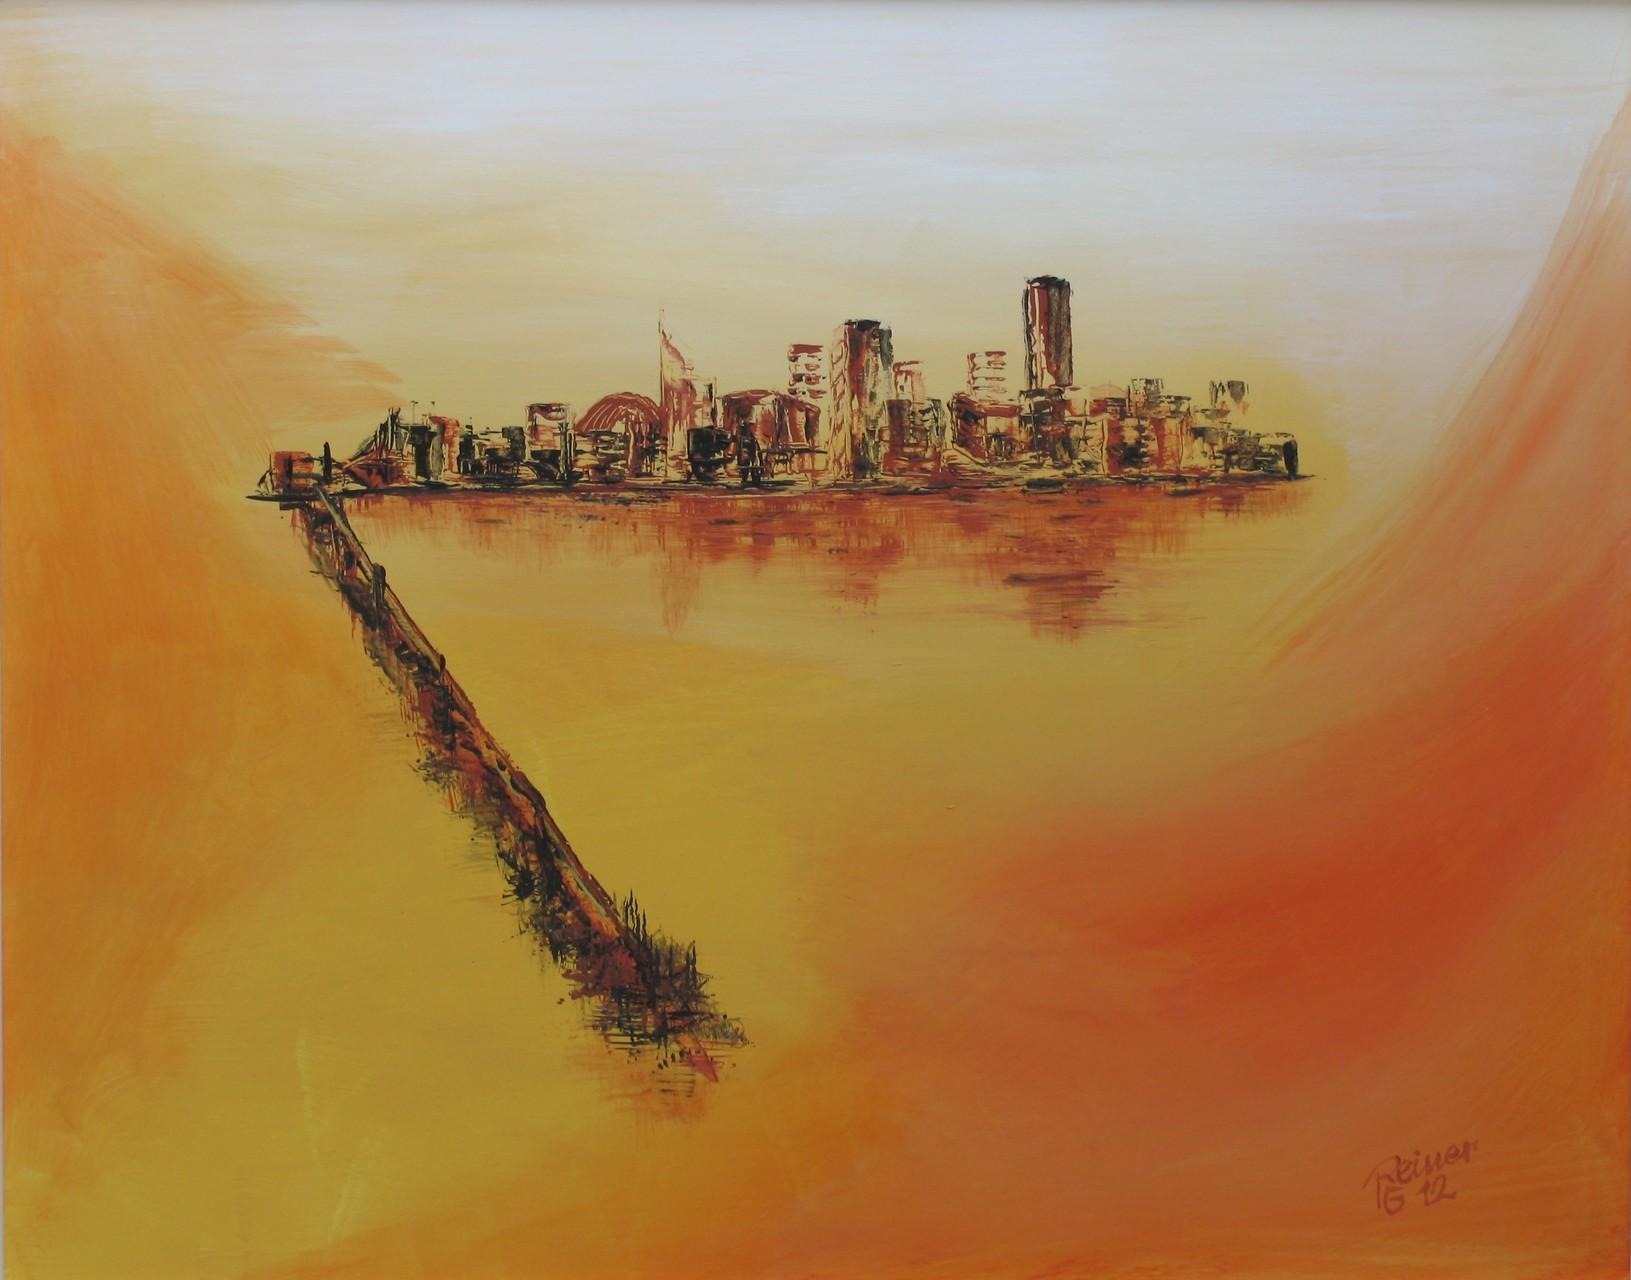 Weg in die Stadt 2, Acryl auf Karton, 40 x 50 cm